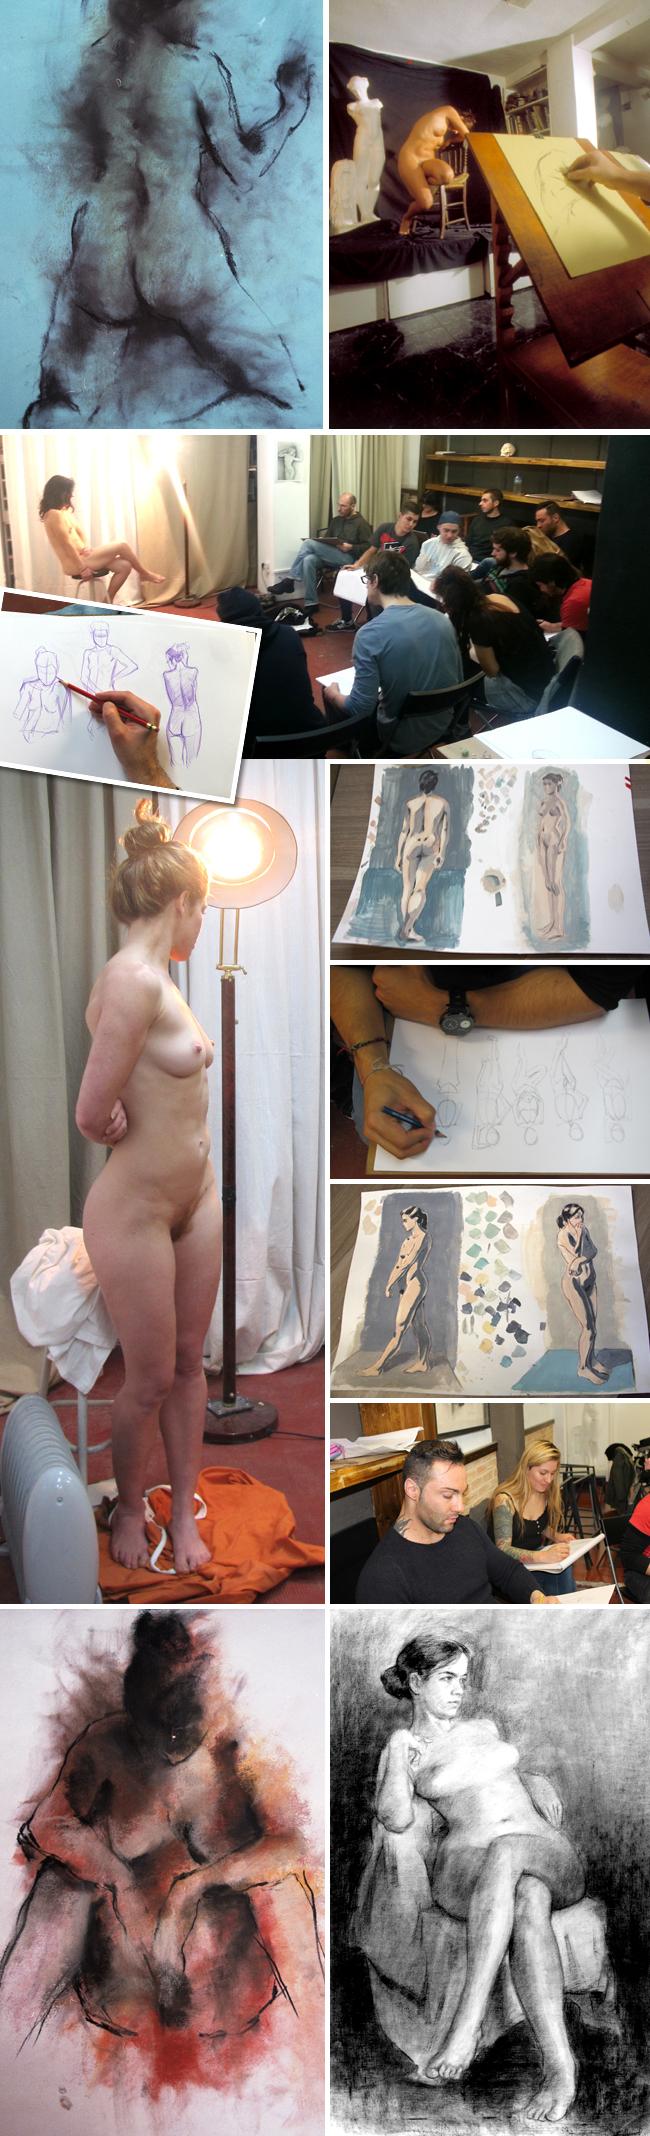 dibujo-bellas-artes-artes-y-oficios-pintura-tradicional-clasica-clases-cursos-profesionales-academia-c10-madrid